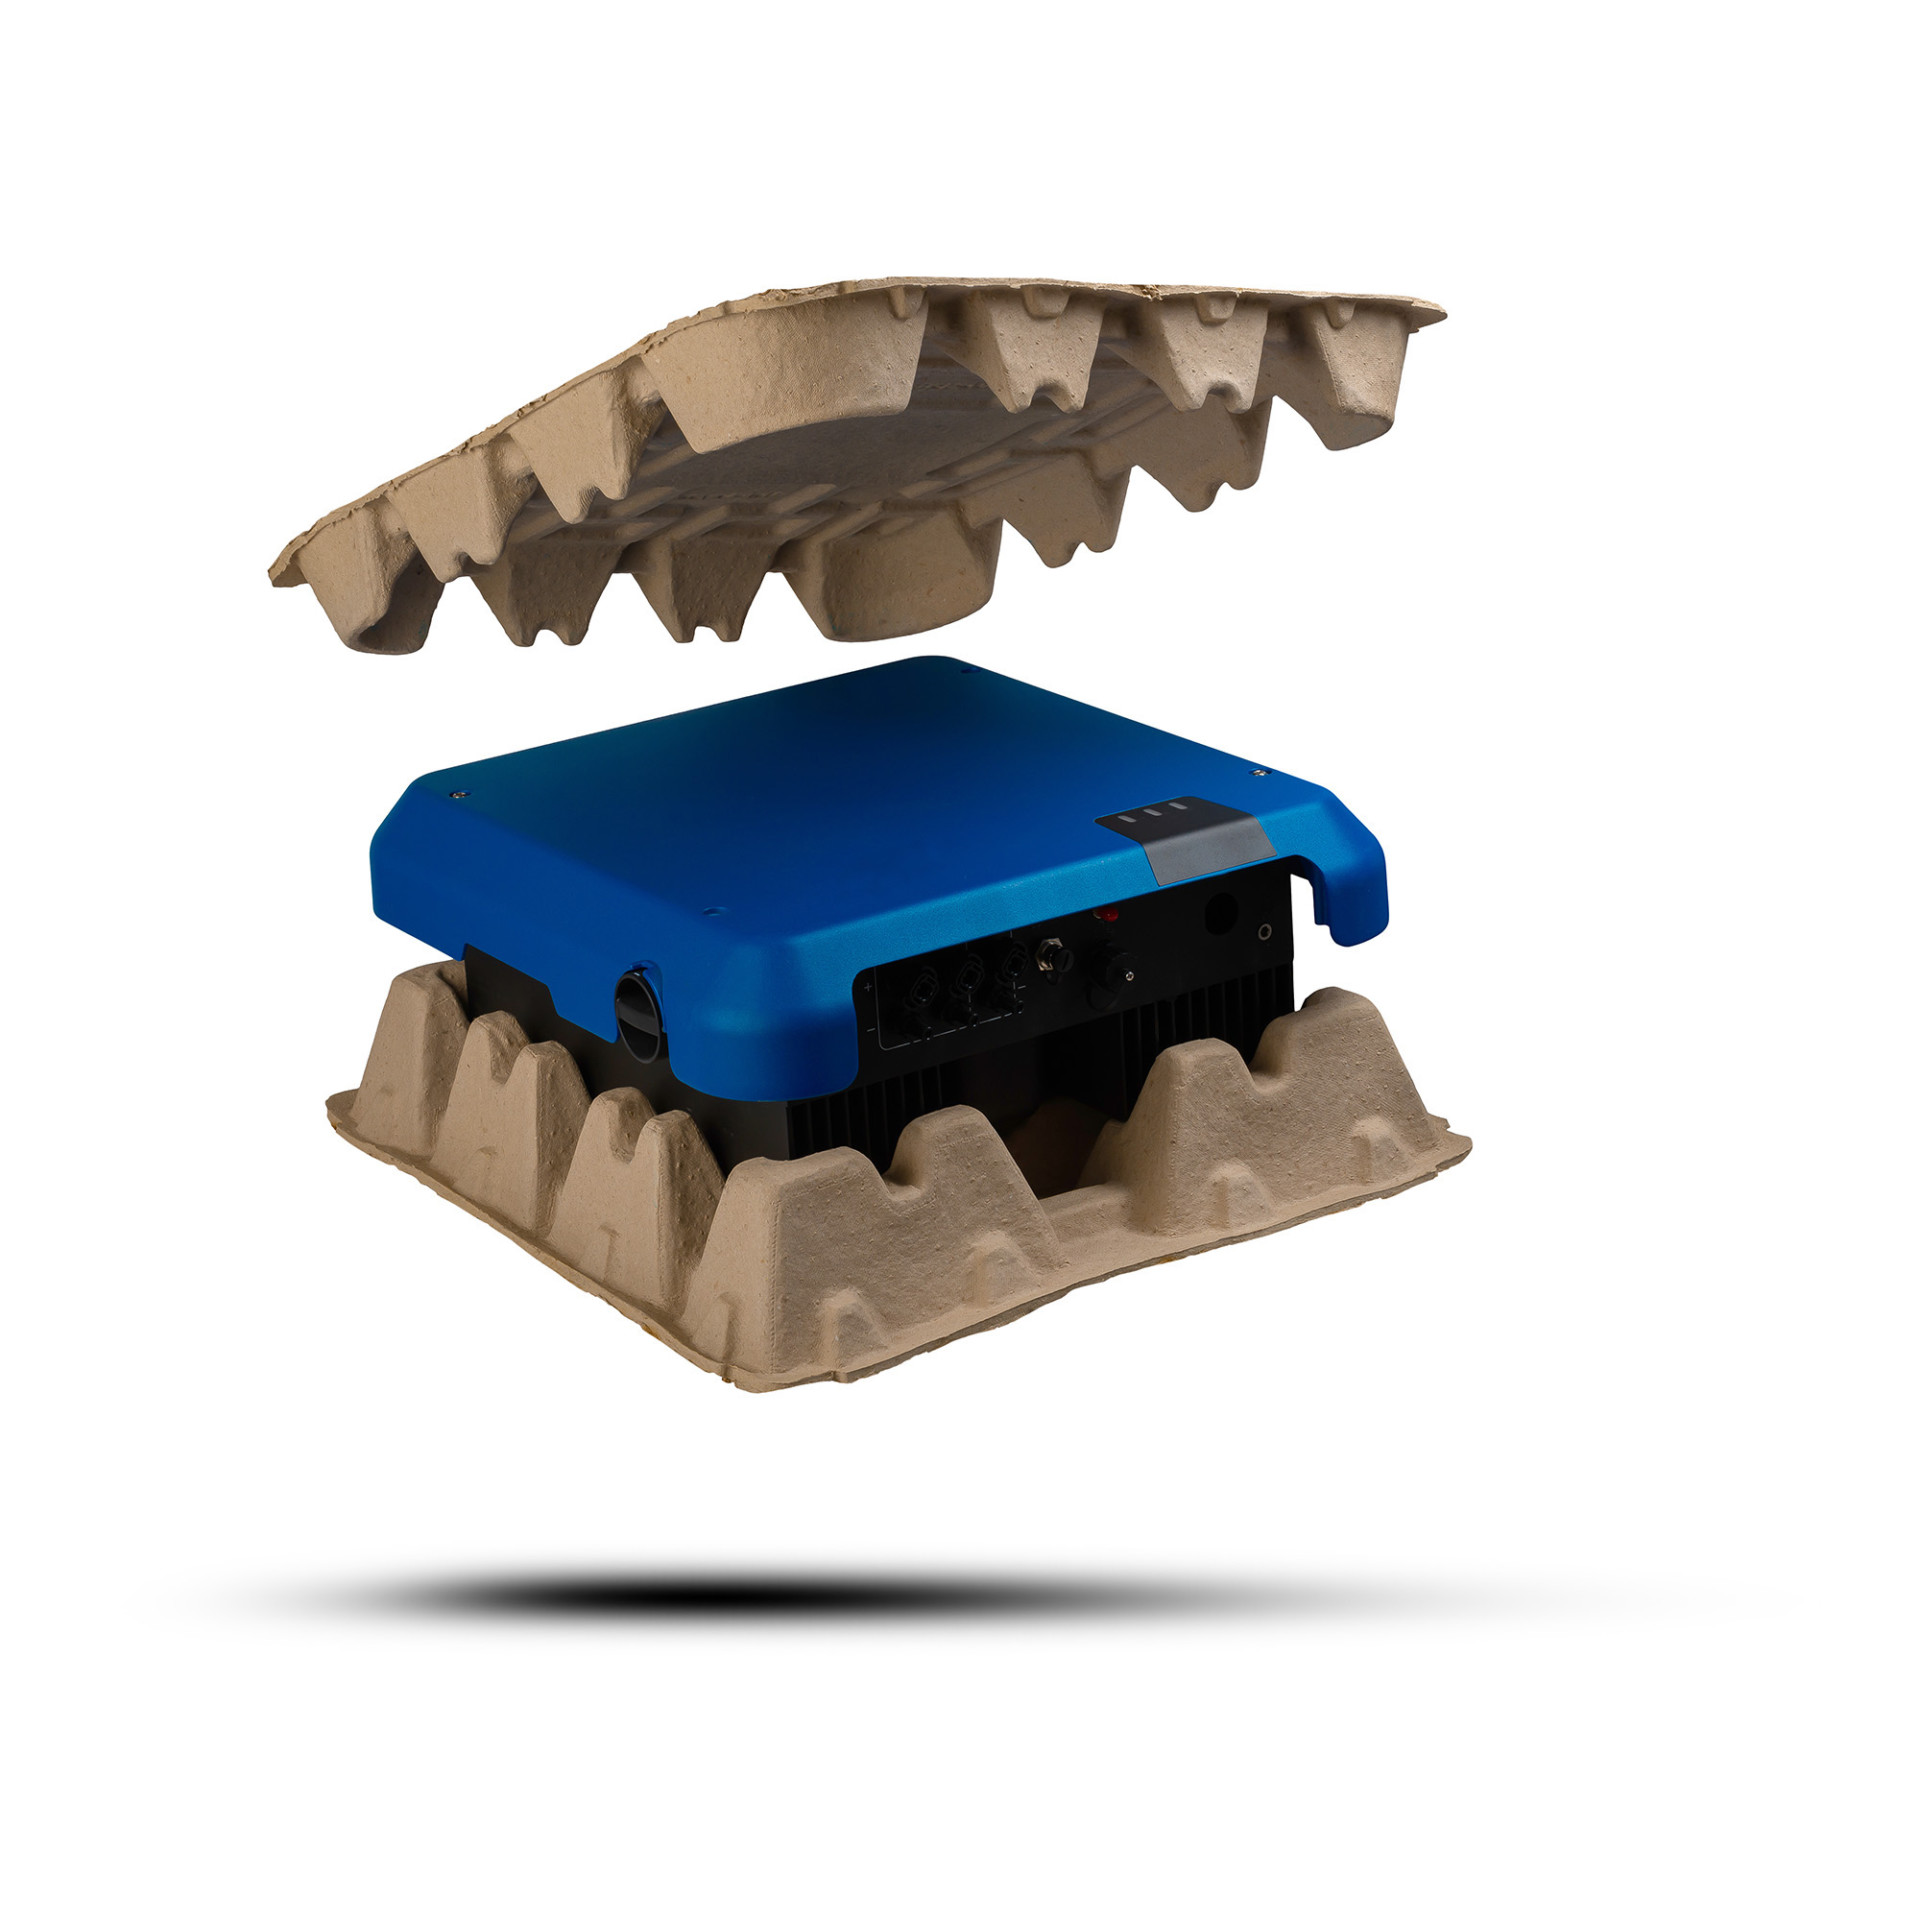 Pulp-Tec Faserguss Verpackung für Elektronikteile